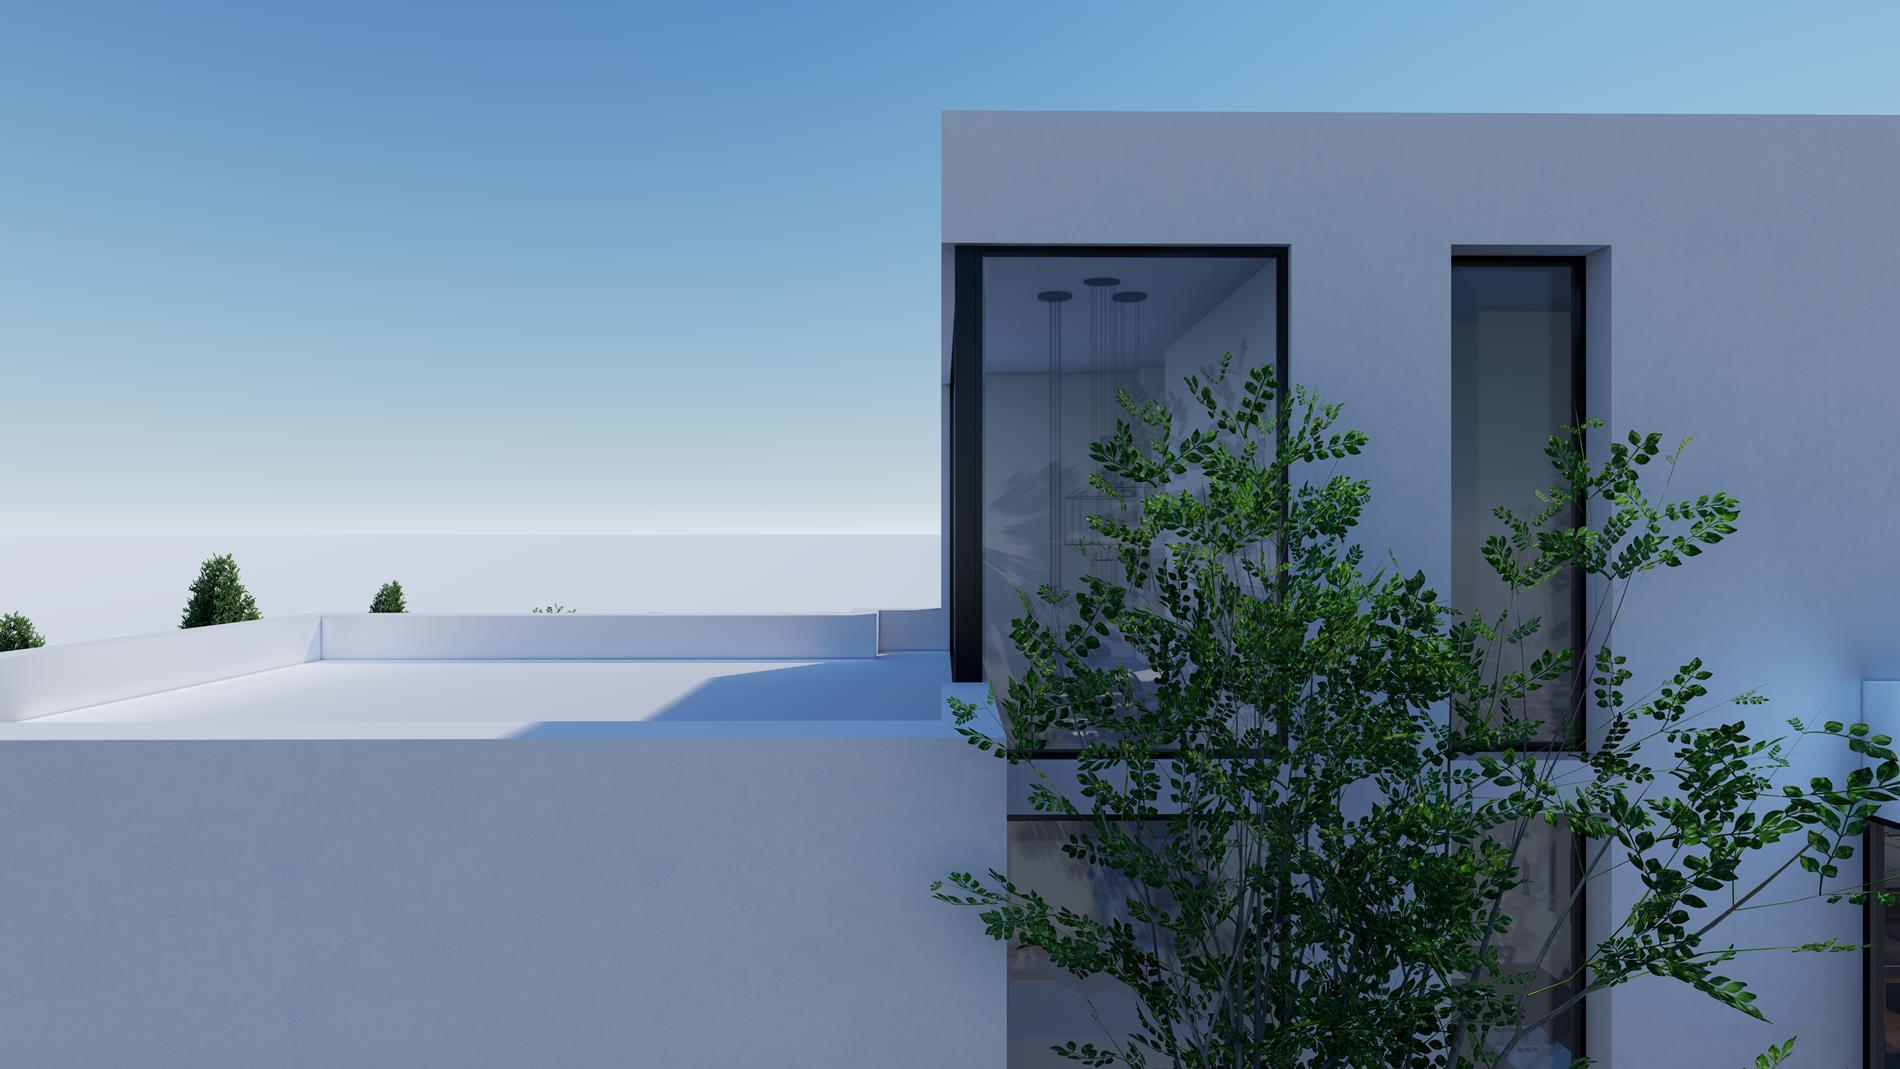 Chalet   Villa en venta en Polop, de obra nueva